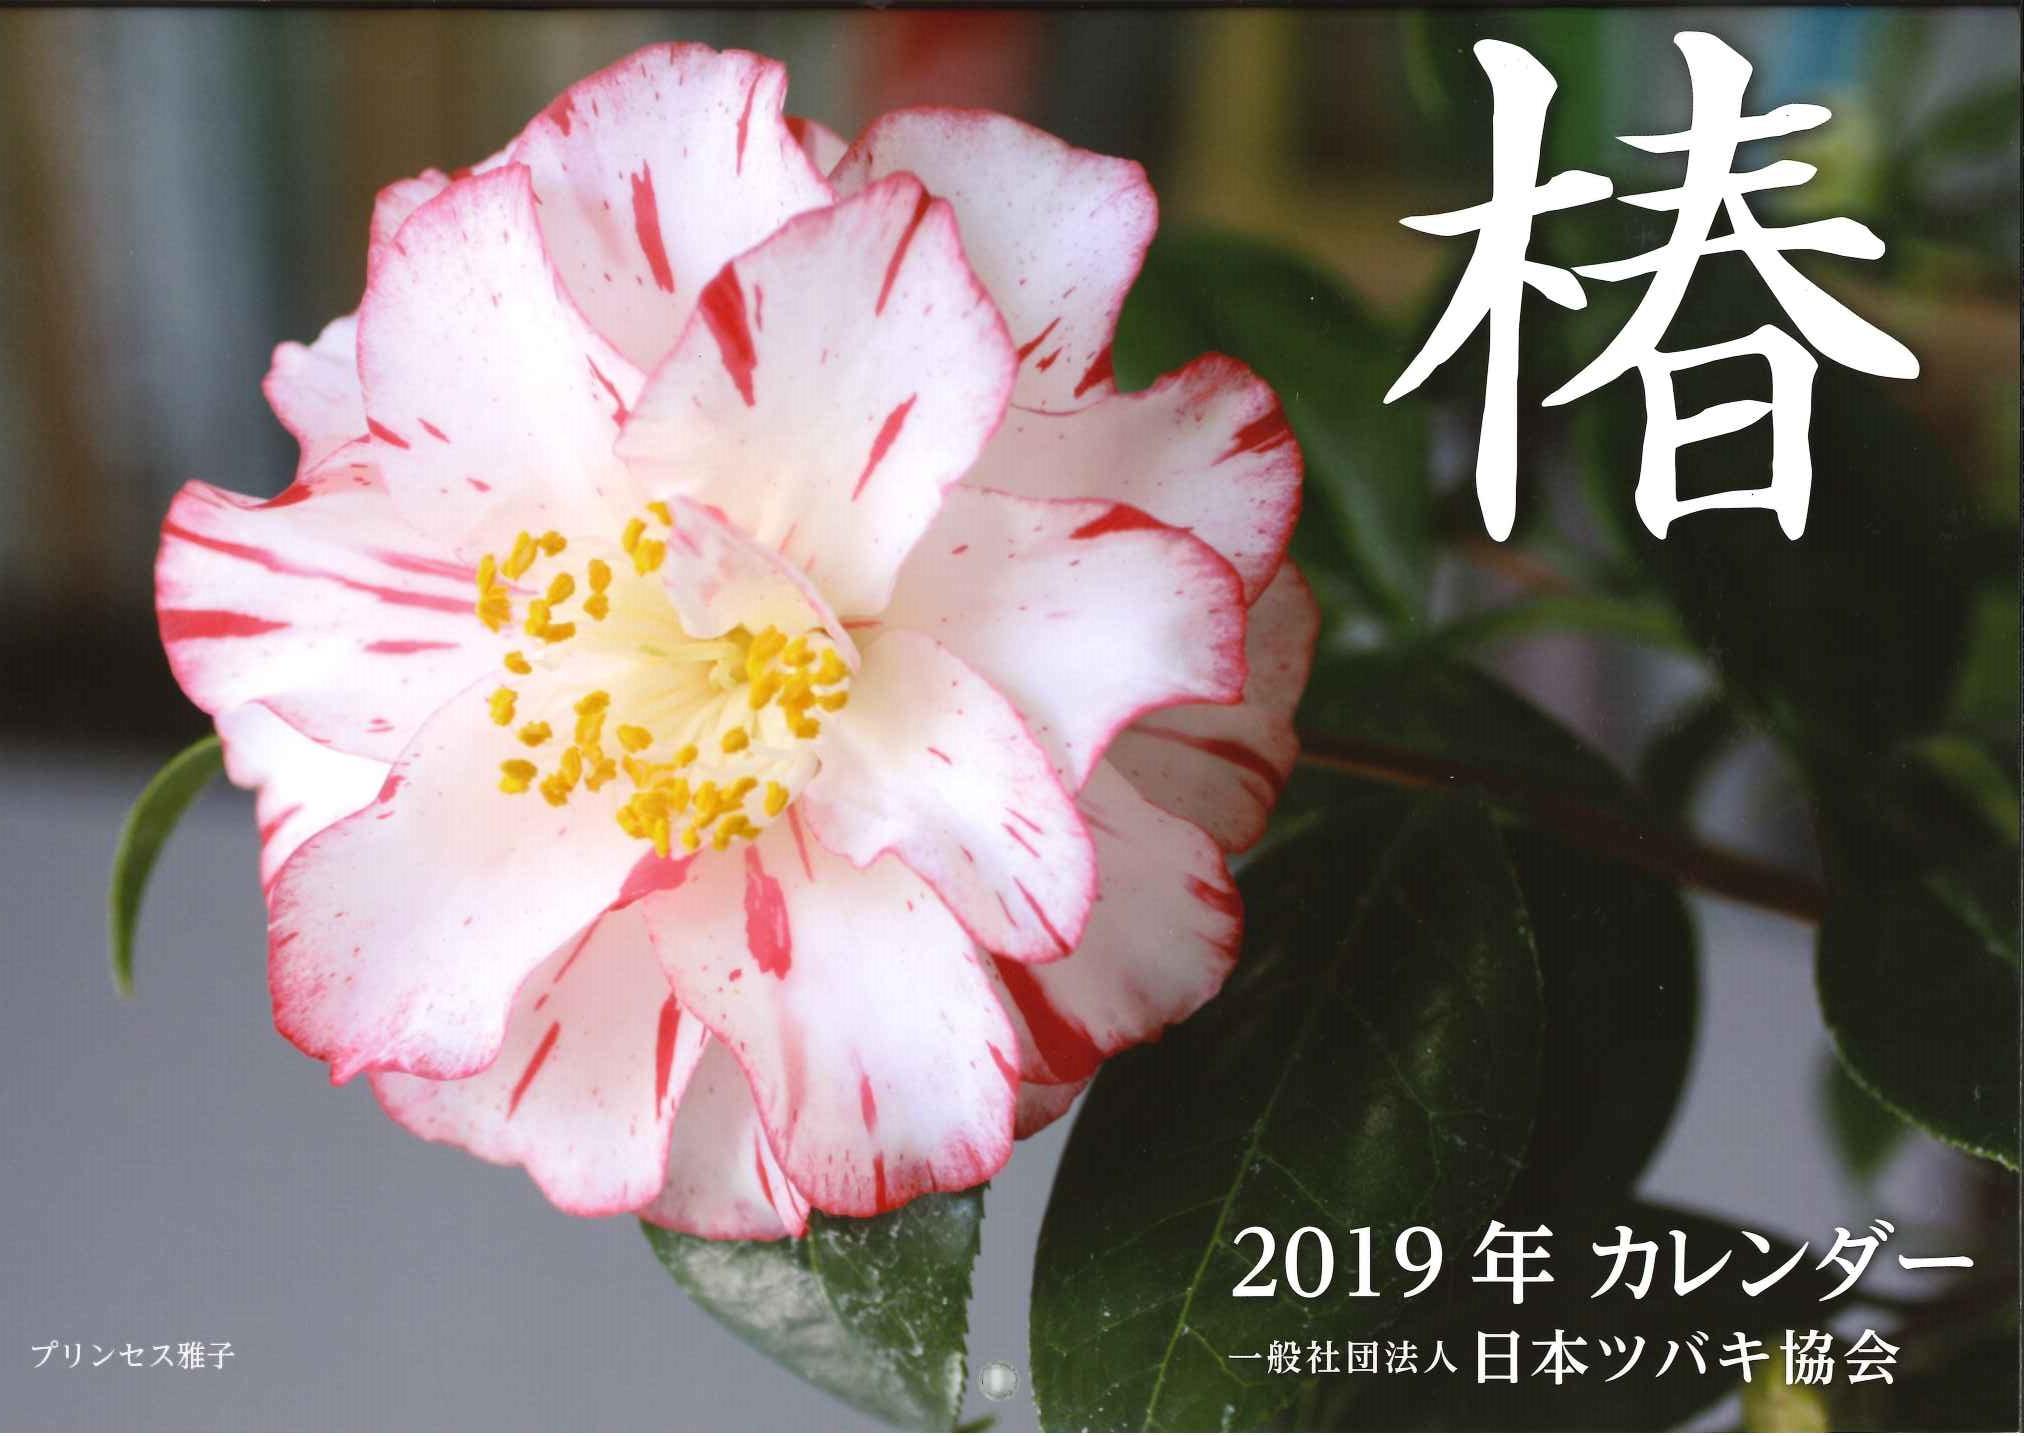 2019椿のカレンダー表紙